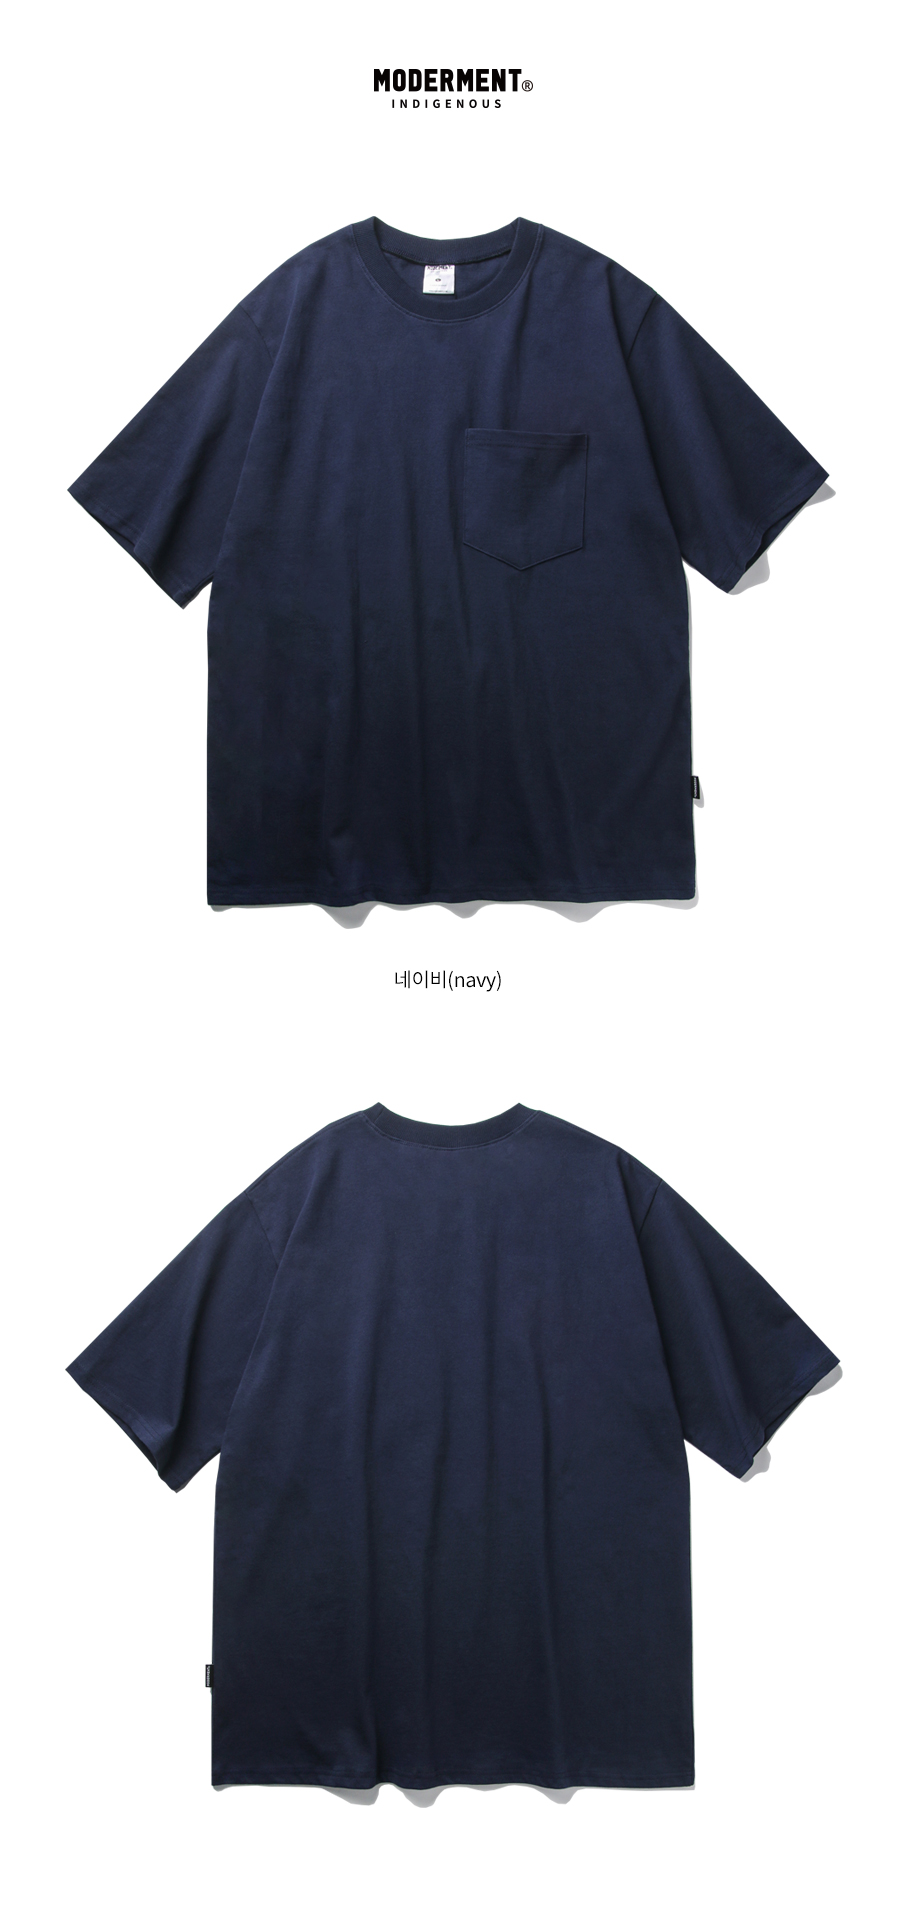 [UNISEX] 포켓 오버핏 반팔 티셔츠 (네이비)